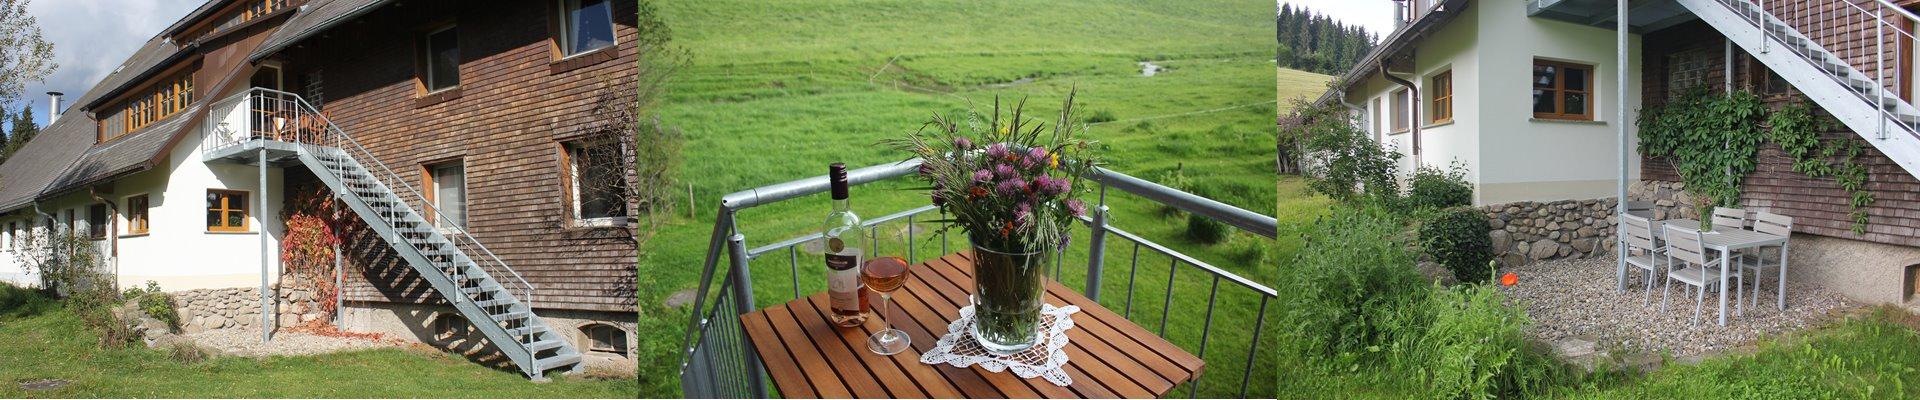 Collage: Aussenbereich Ferienwohnung + Treppe zur Terrasse mit Gartengarnitur / Griesbachhof-Schwarzwald